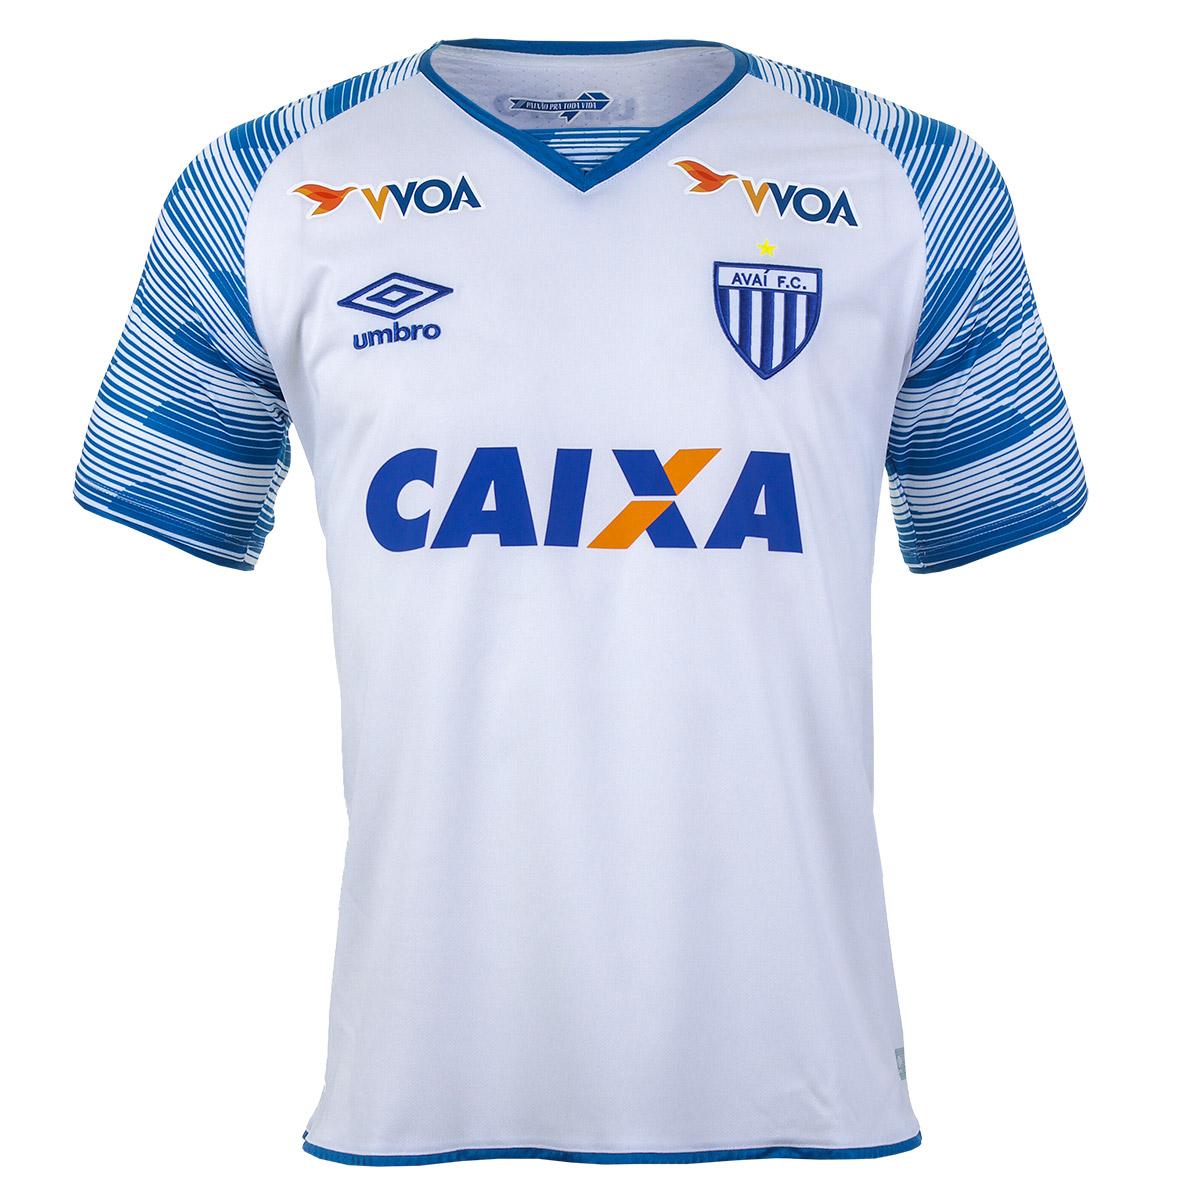 Camisa Masc. Umbro Avai Of 2 Esporte - Indoor - Branco/Azul